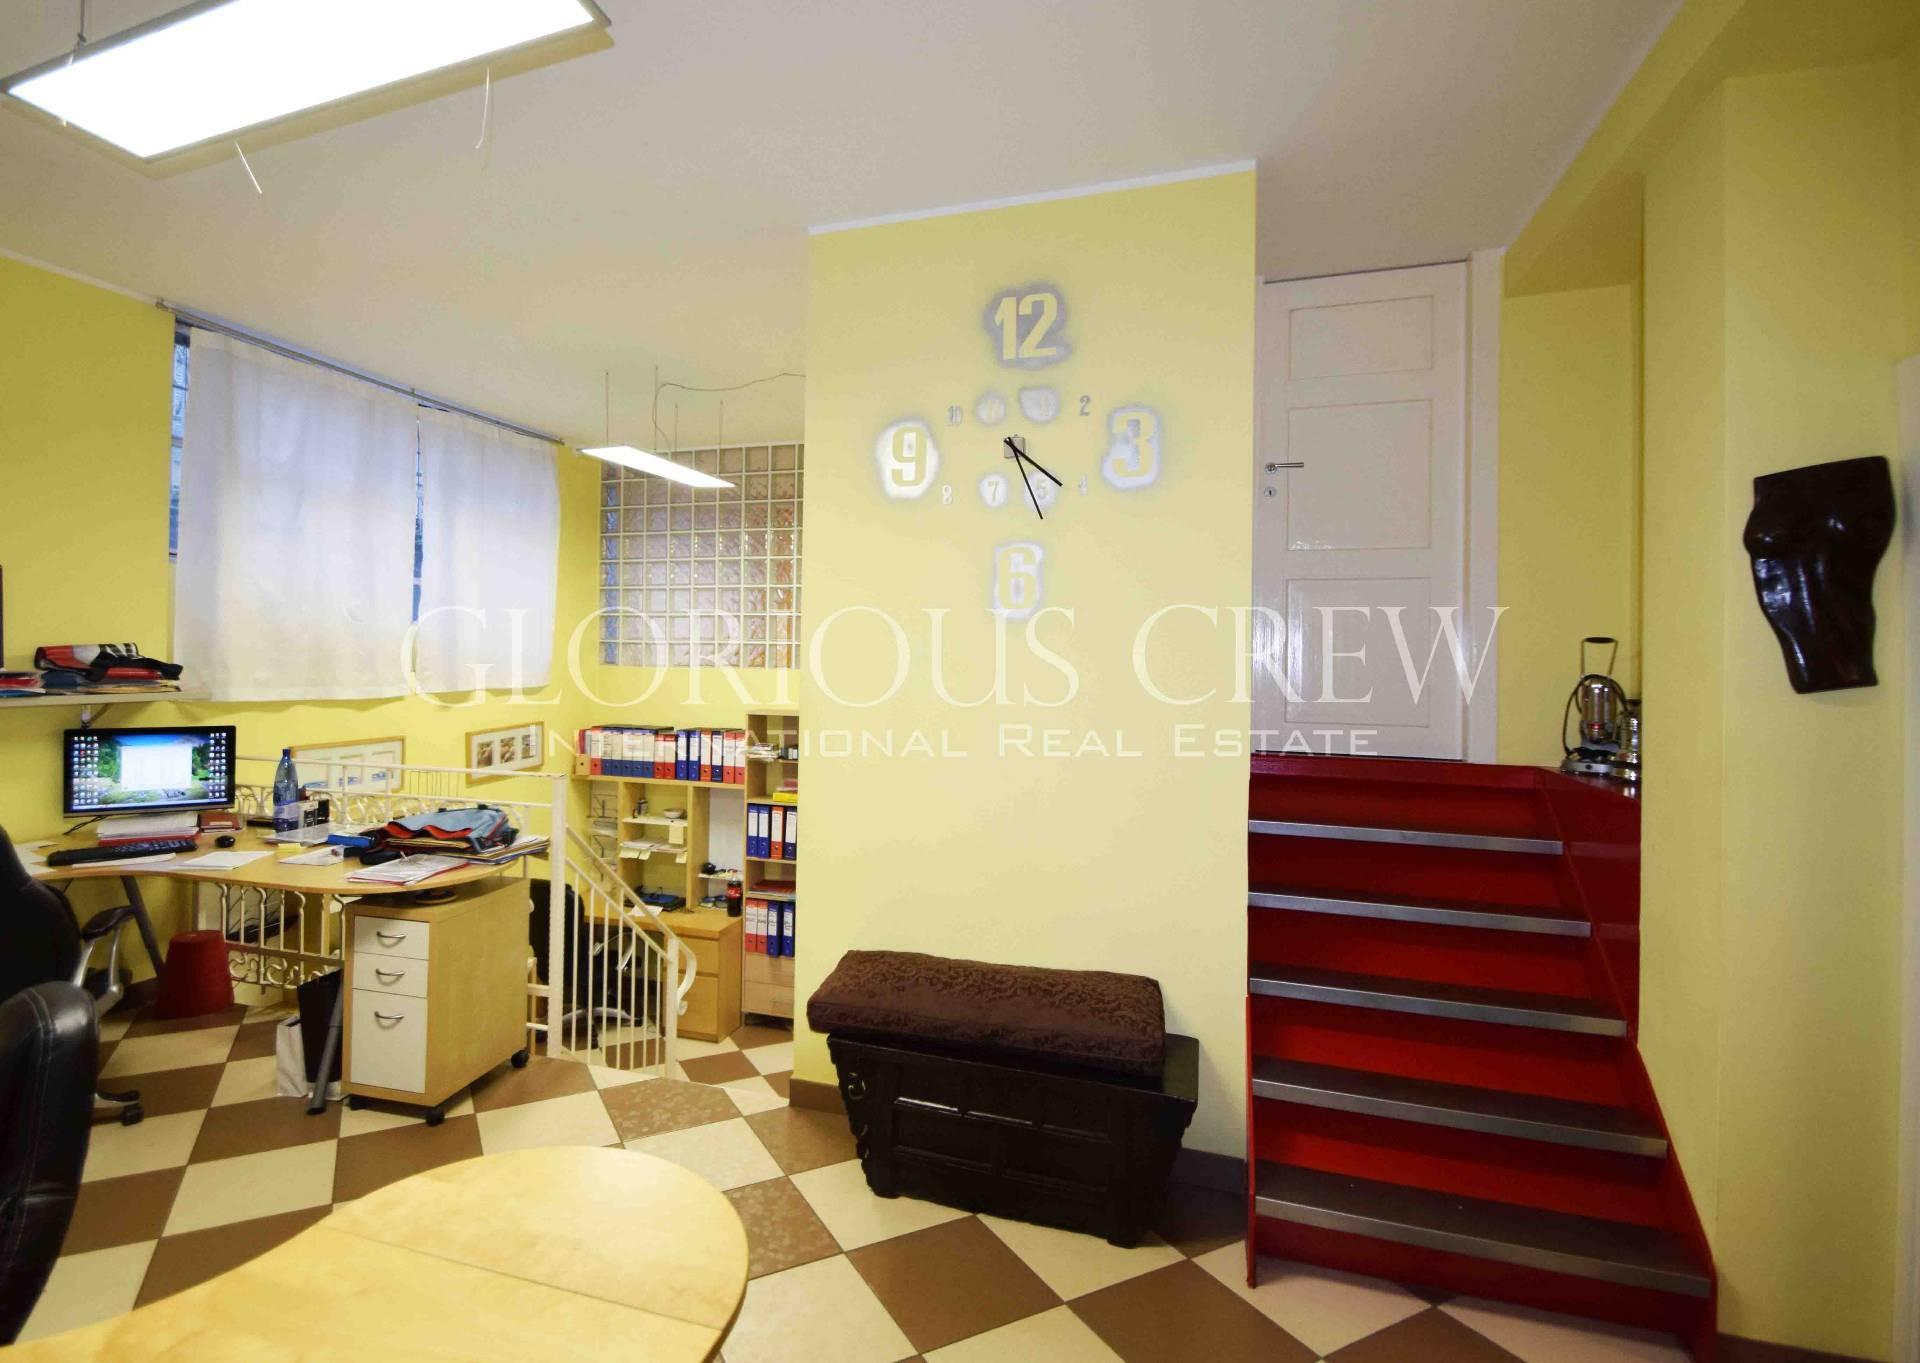 Ufficio-studio in Vendita a Milano: 4 locali, 100 mq